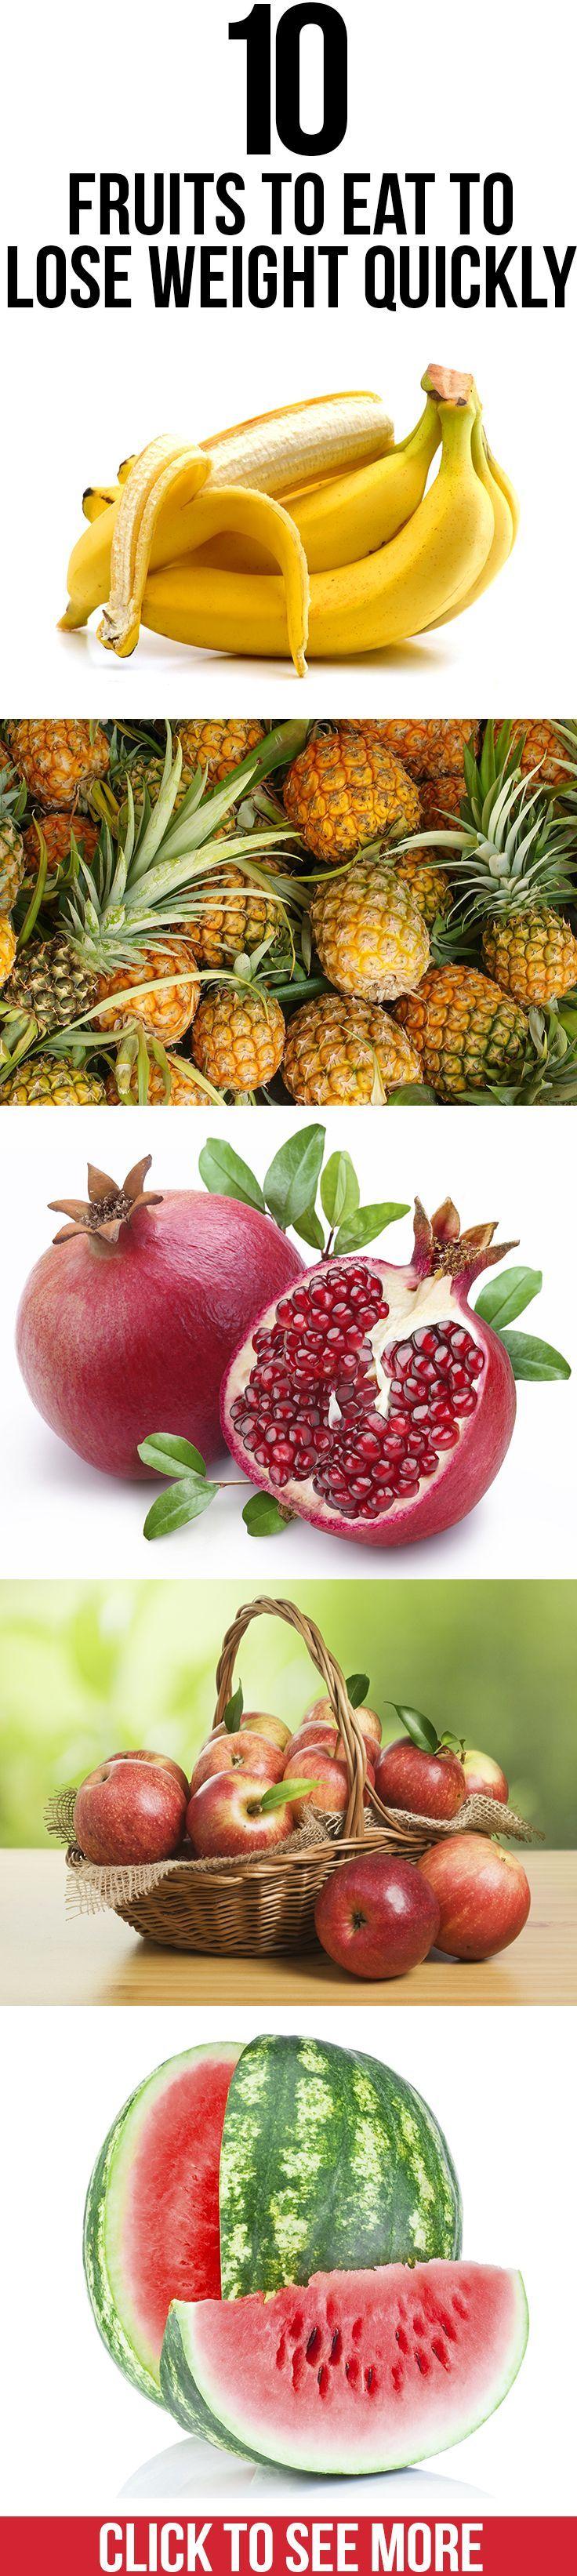 Las 10 mejores frutas para perder peso.